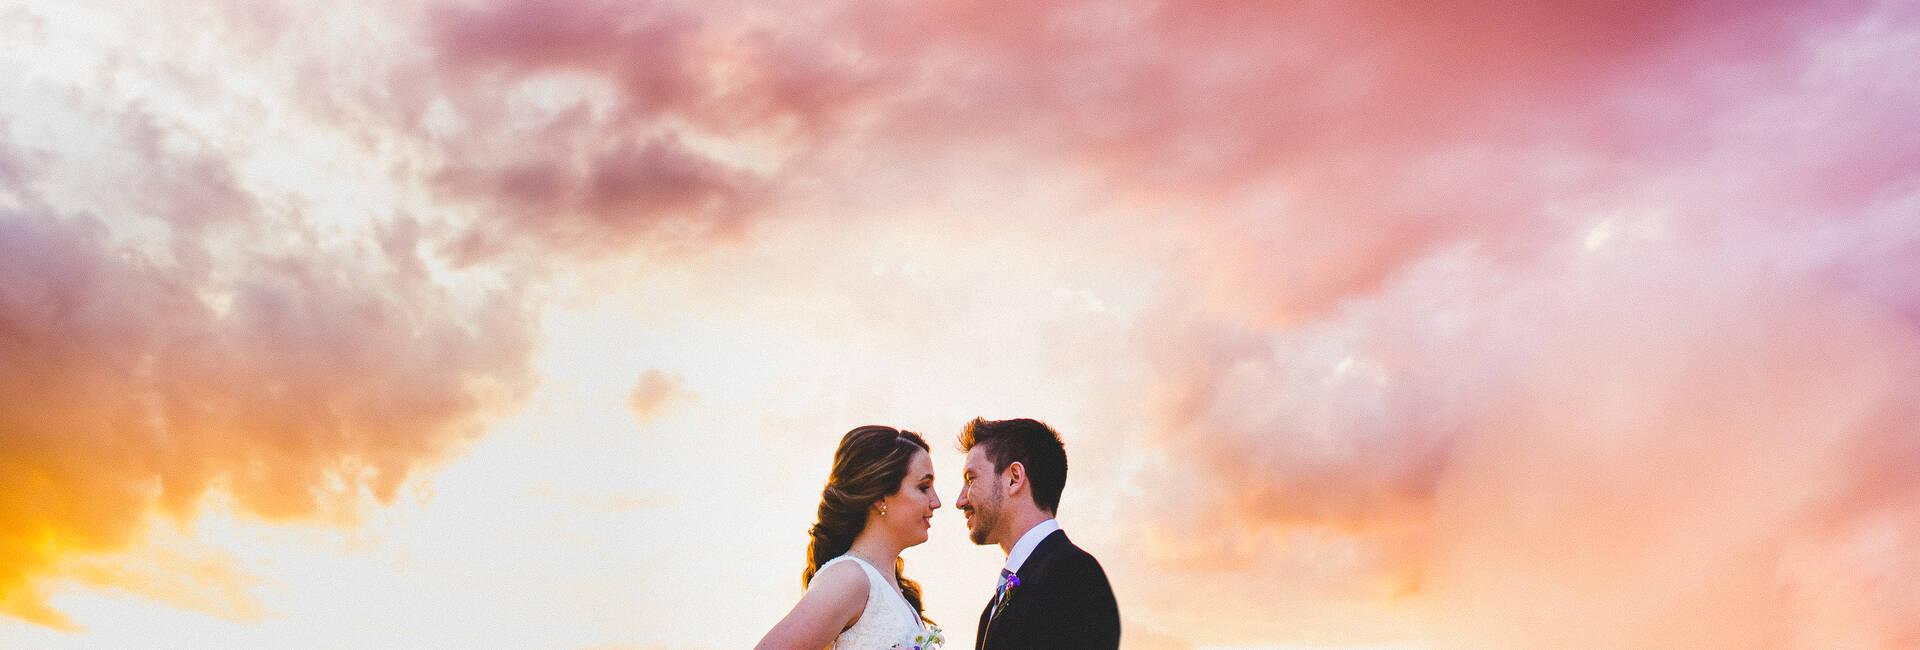 Casamento de Lidiane e Filipe